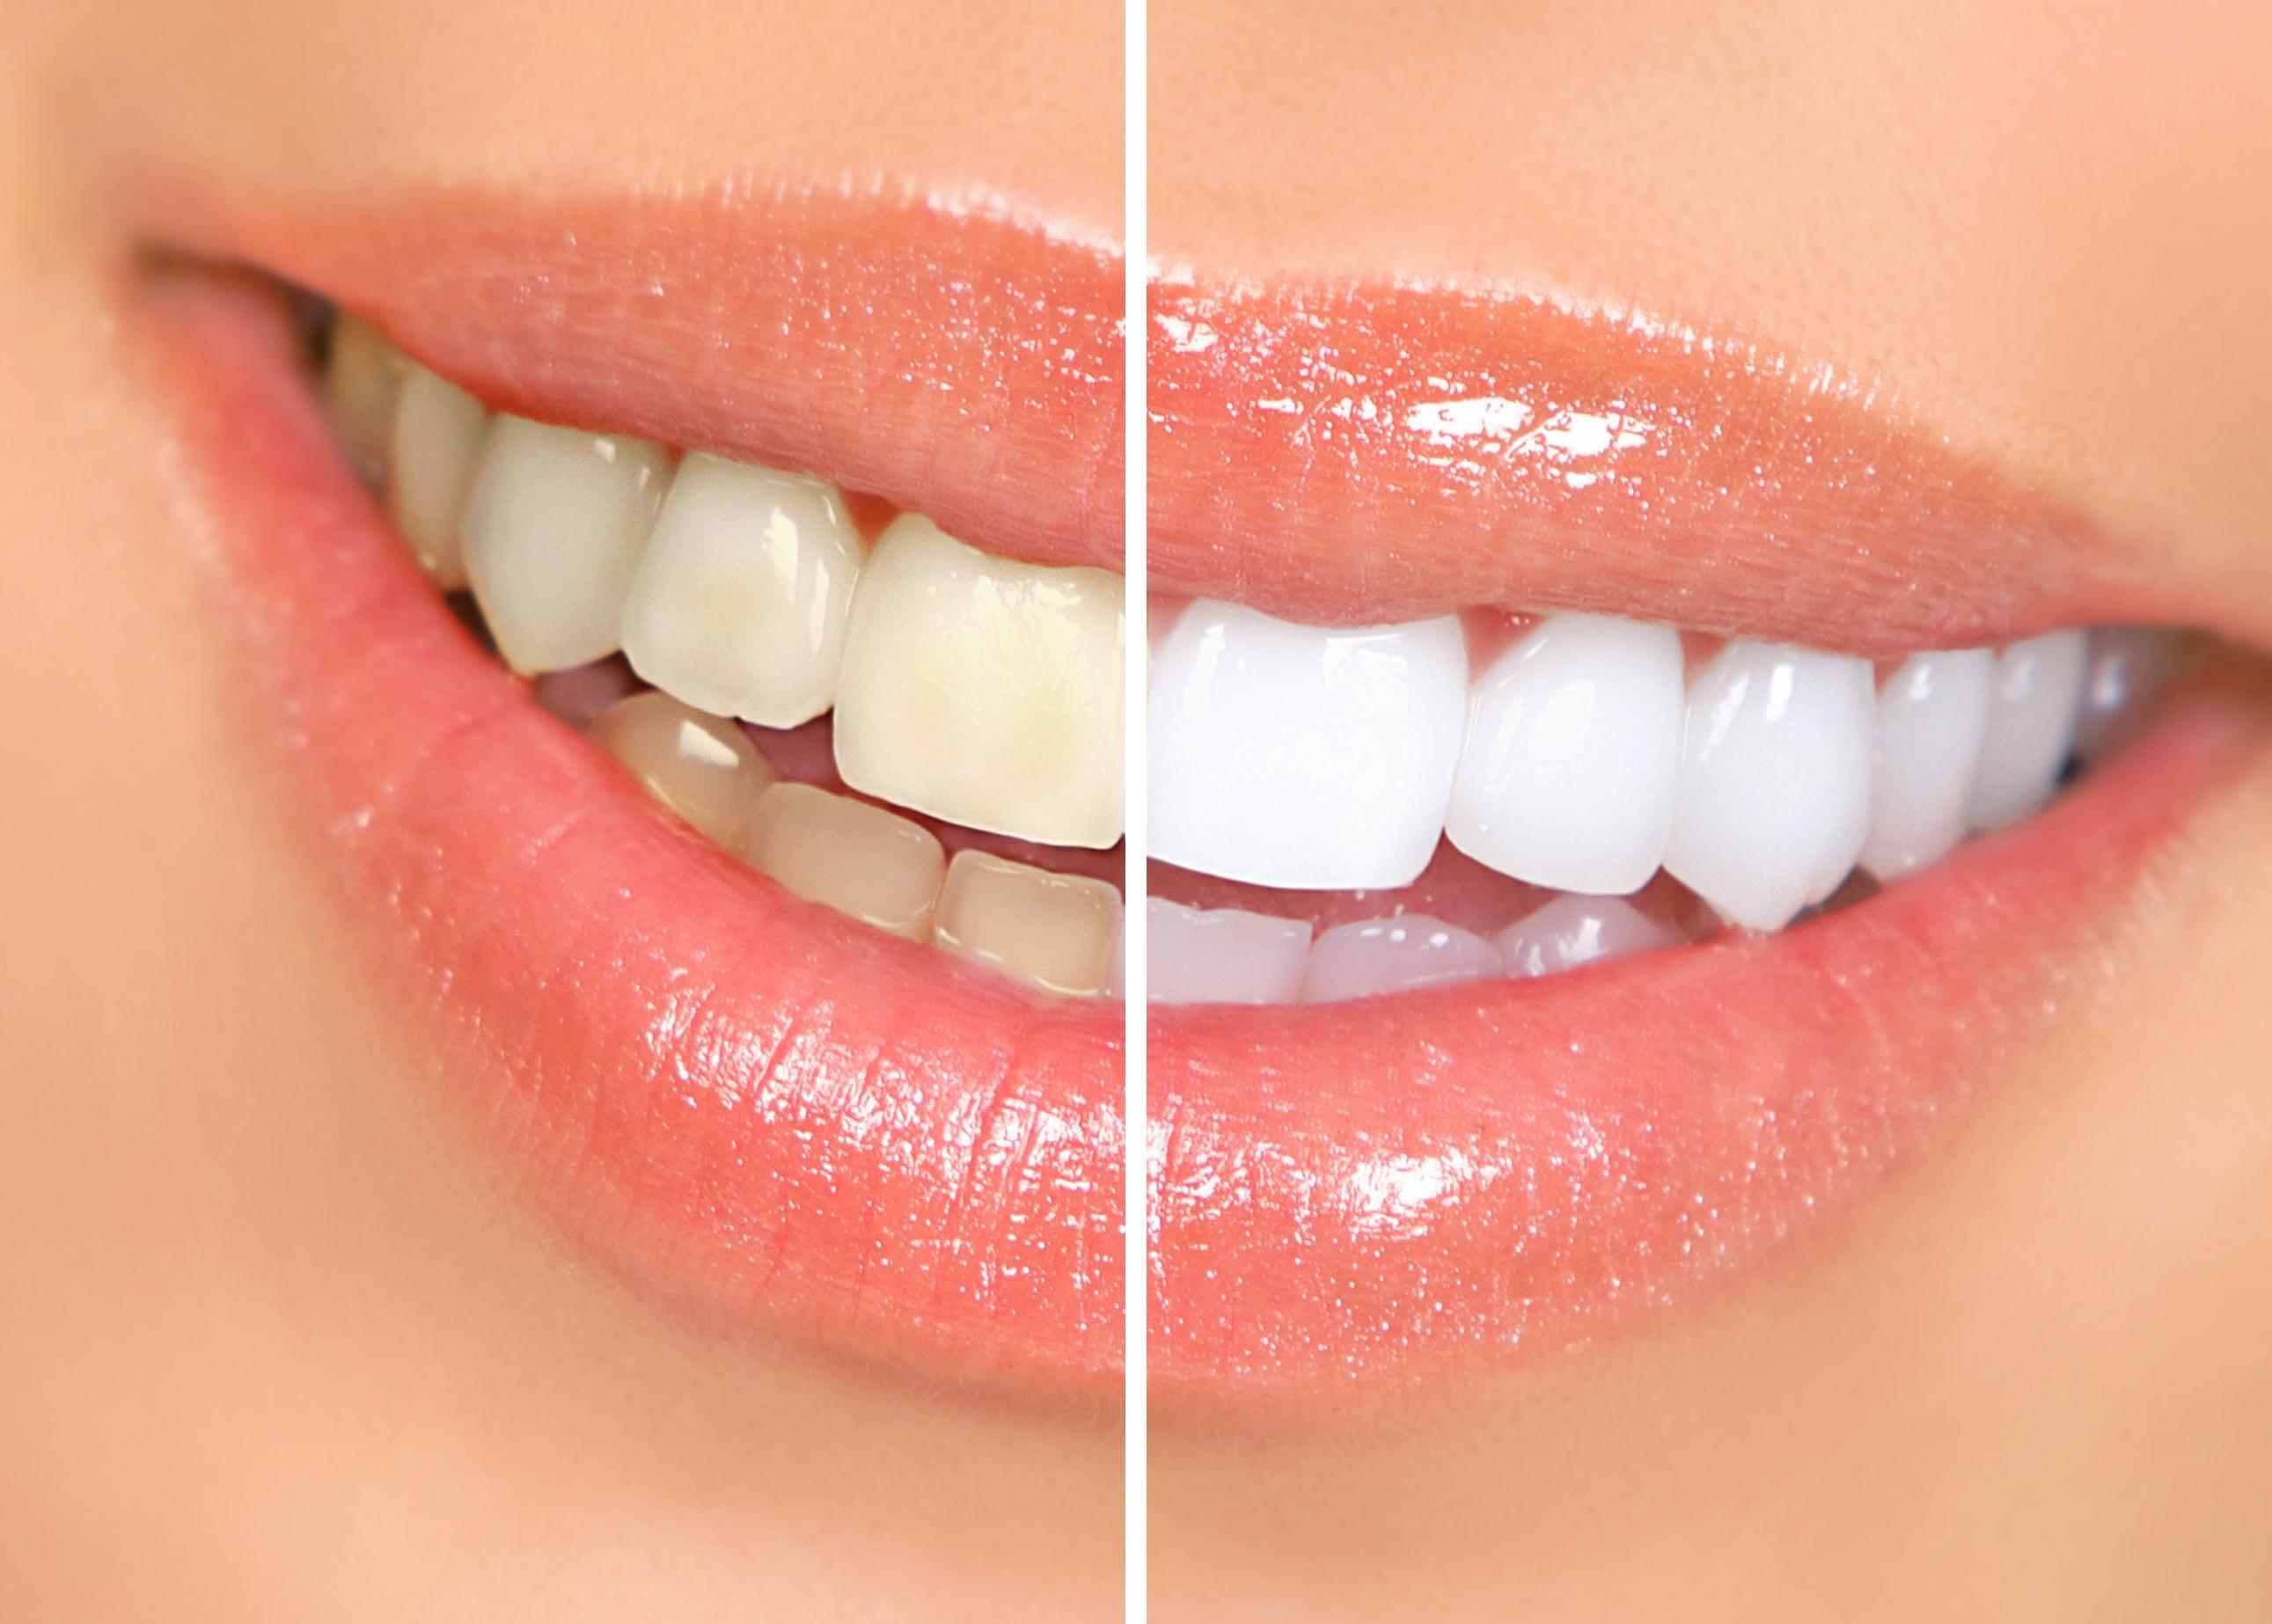 Тетрациклиновые зубы – как избавиться от этой проблемы?